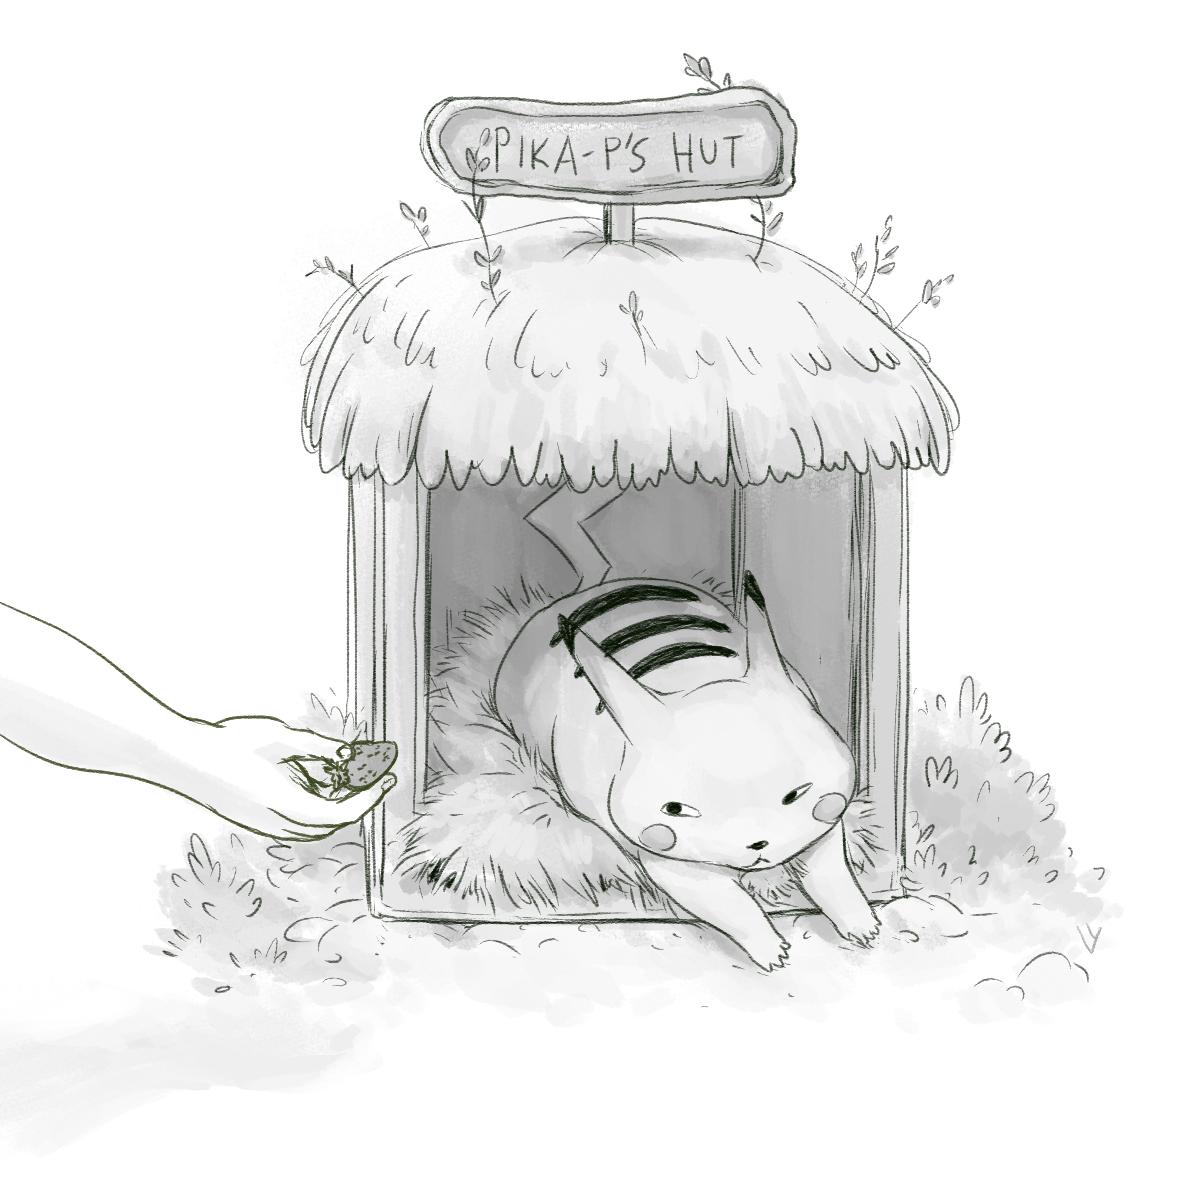 Pikachu's Hut